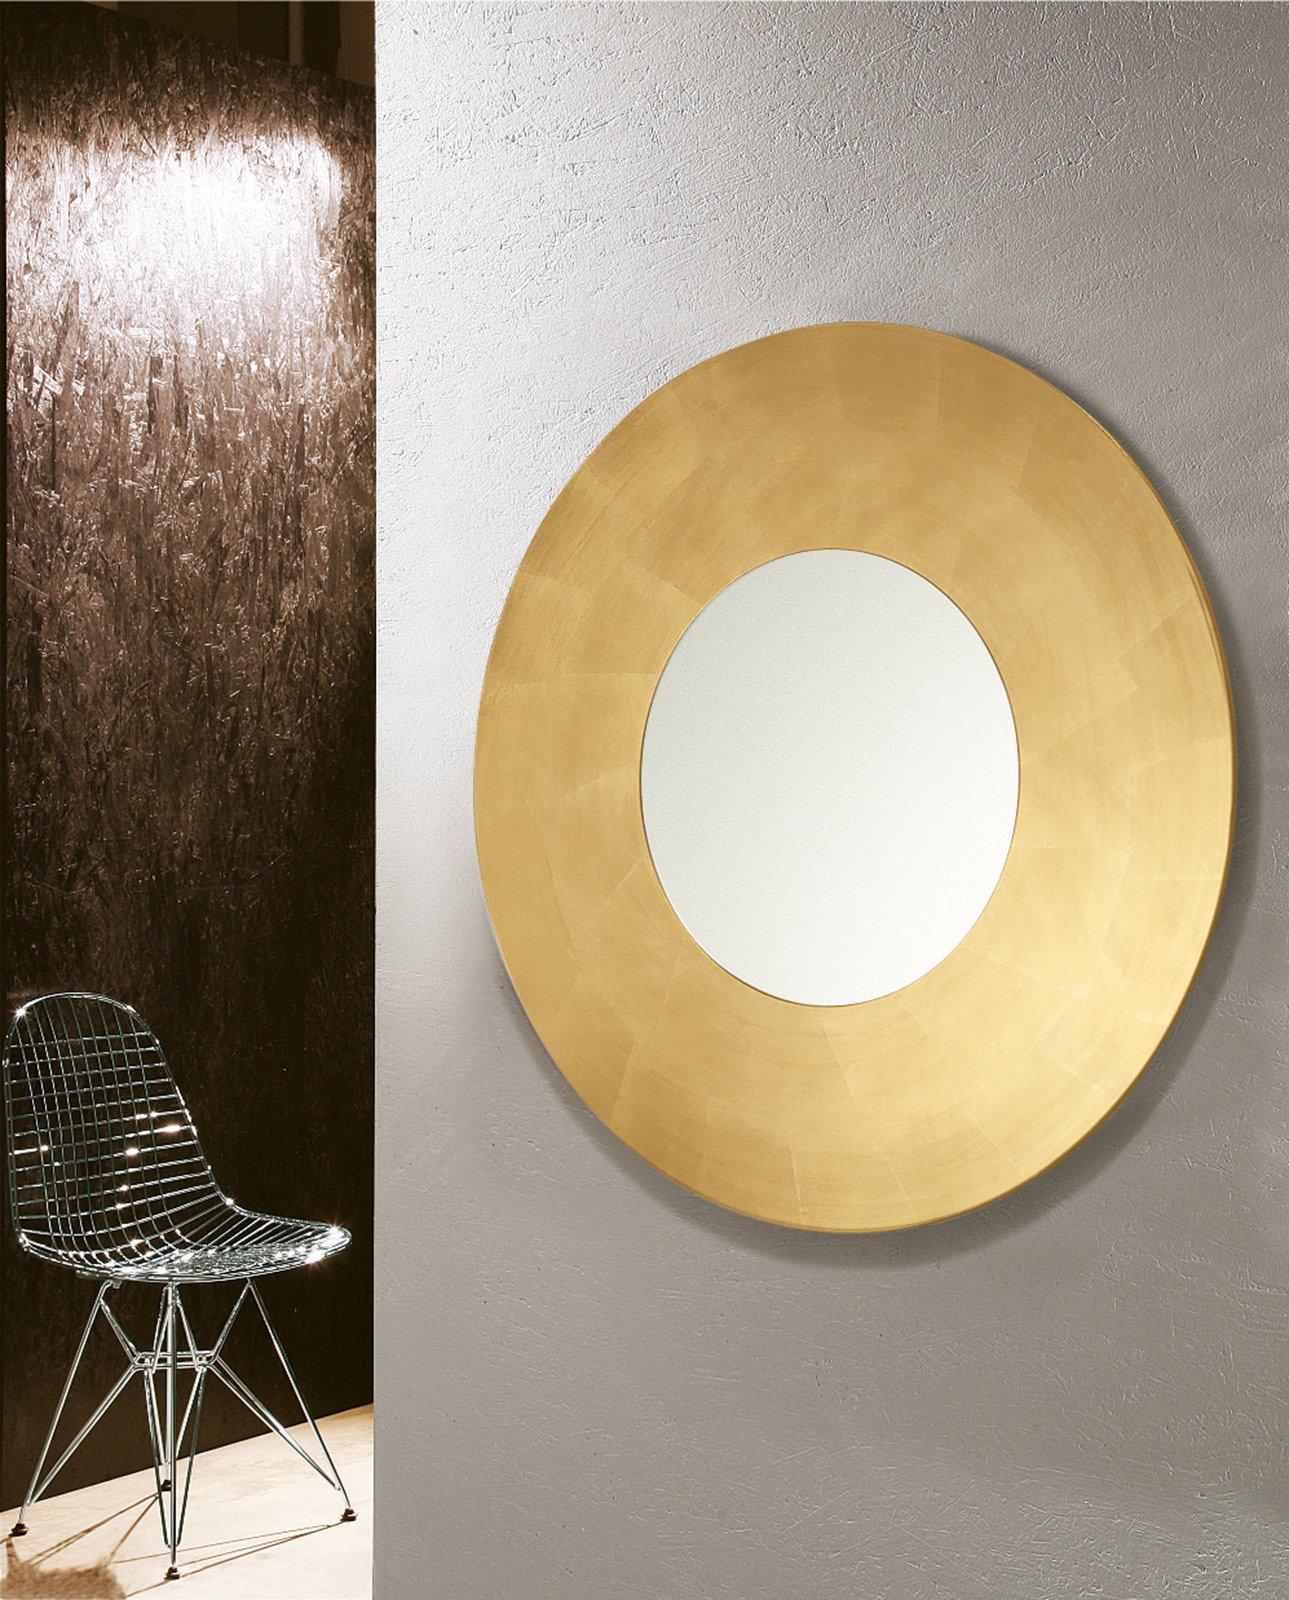 Specchi questione di riflessi cose di casa - La mano sullo specchio ...